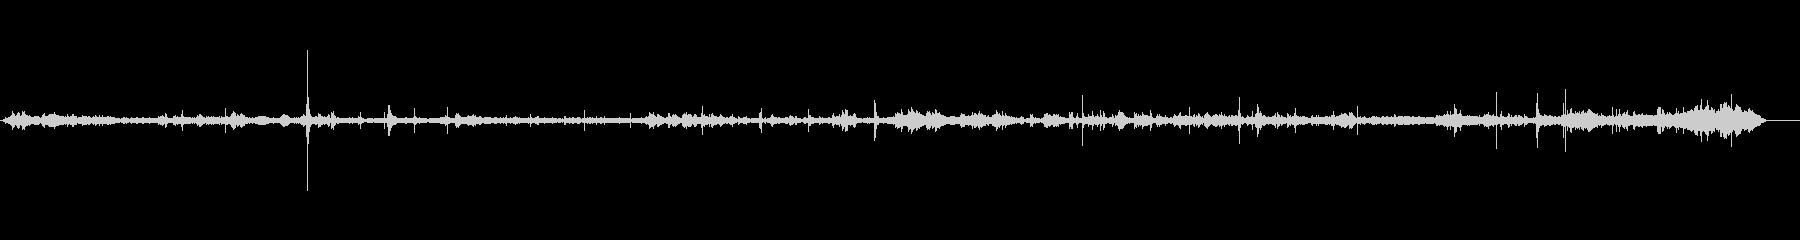 ホテルロビー-南アメリカ-静かな声の未再生の波形